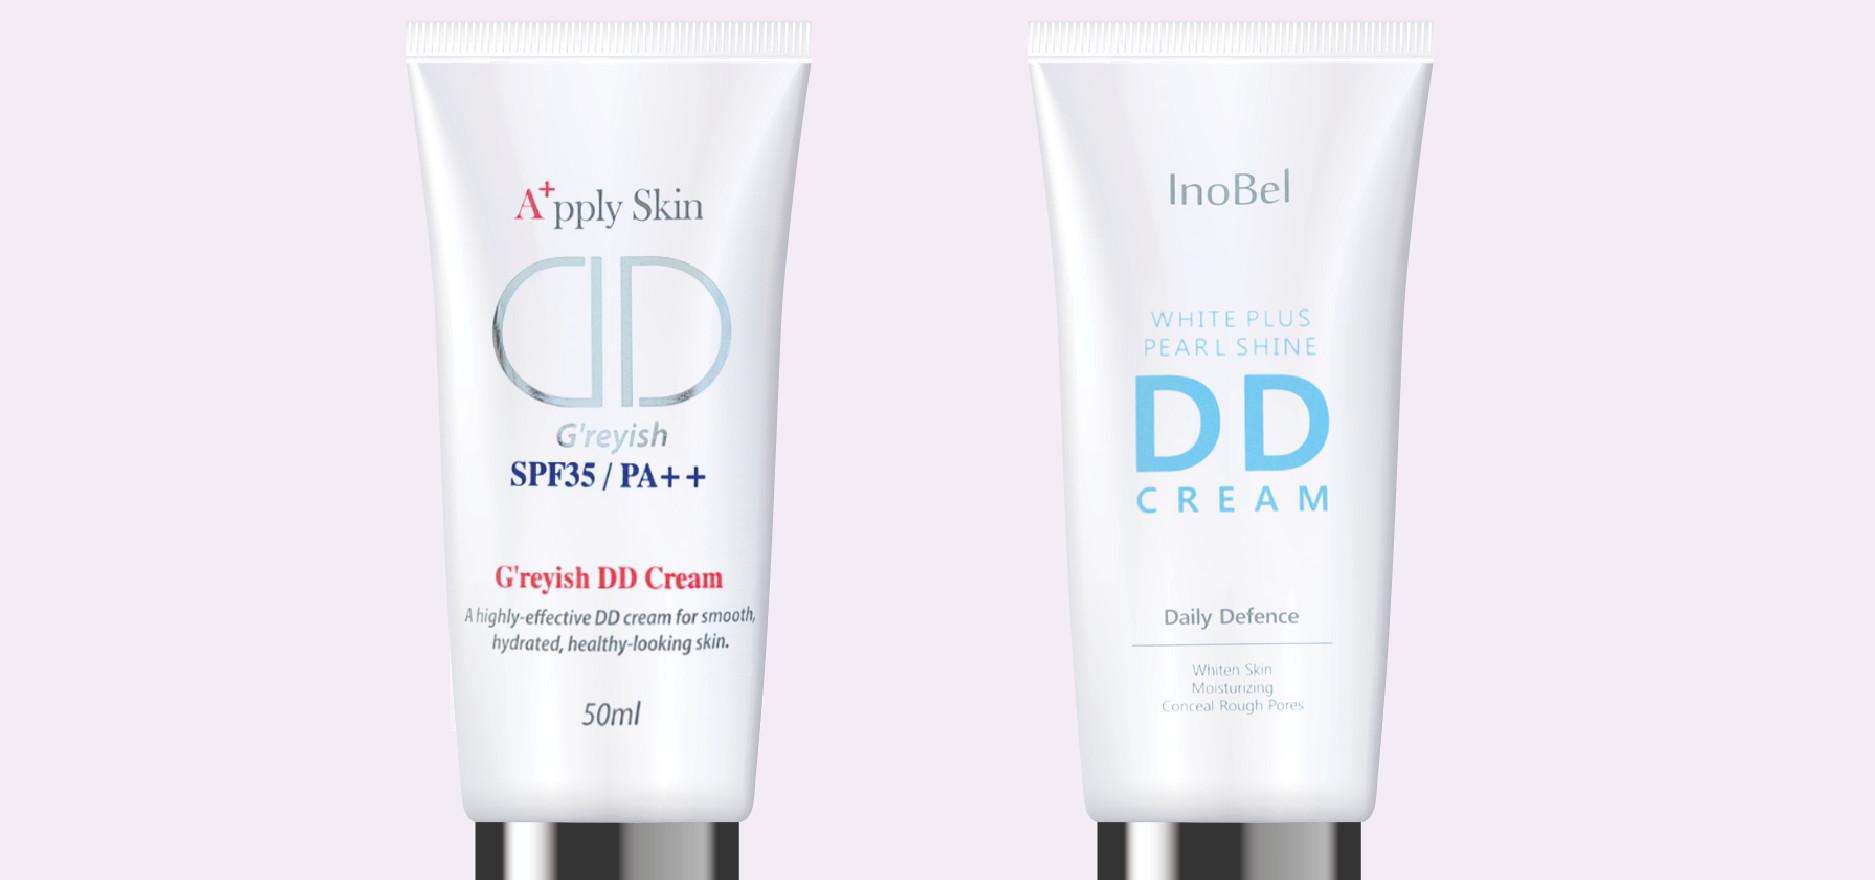 A+pply Skin G'reyish DD Cream